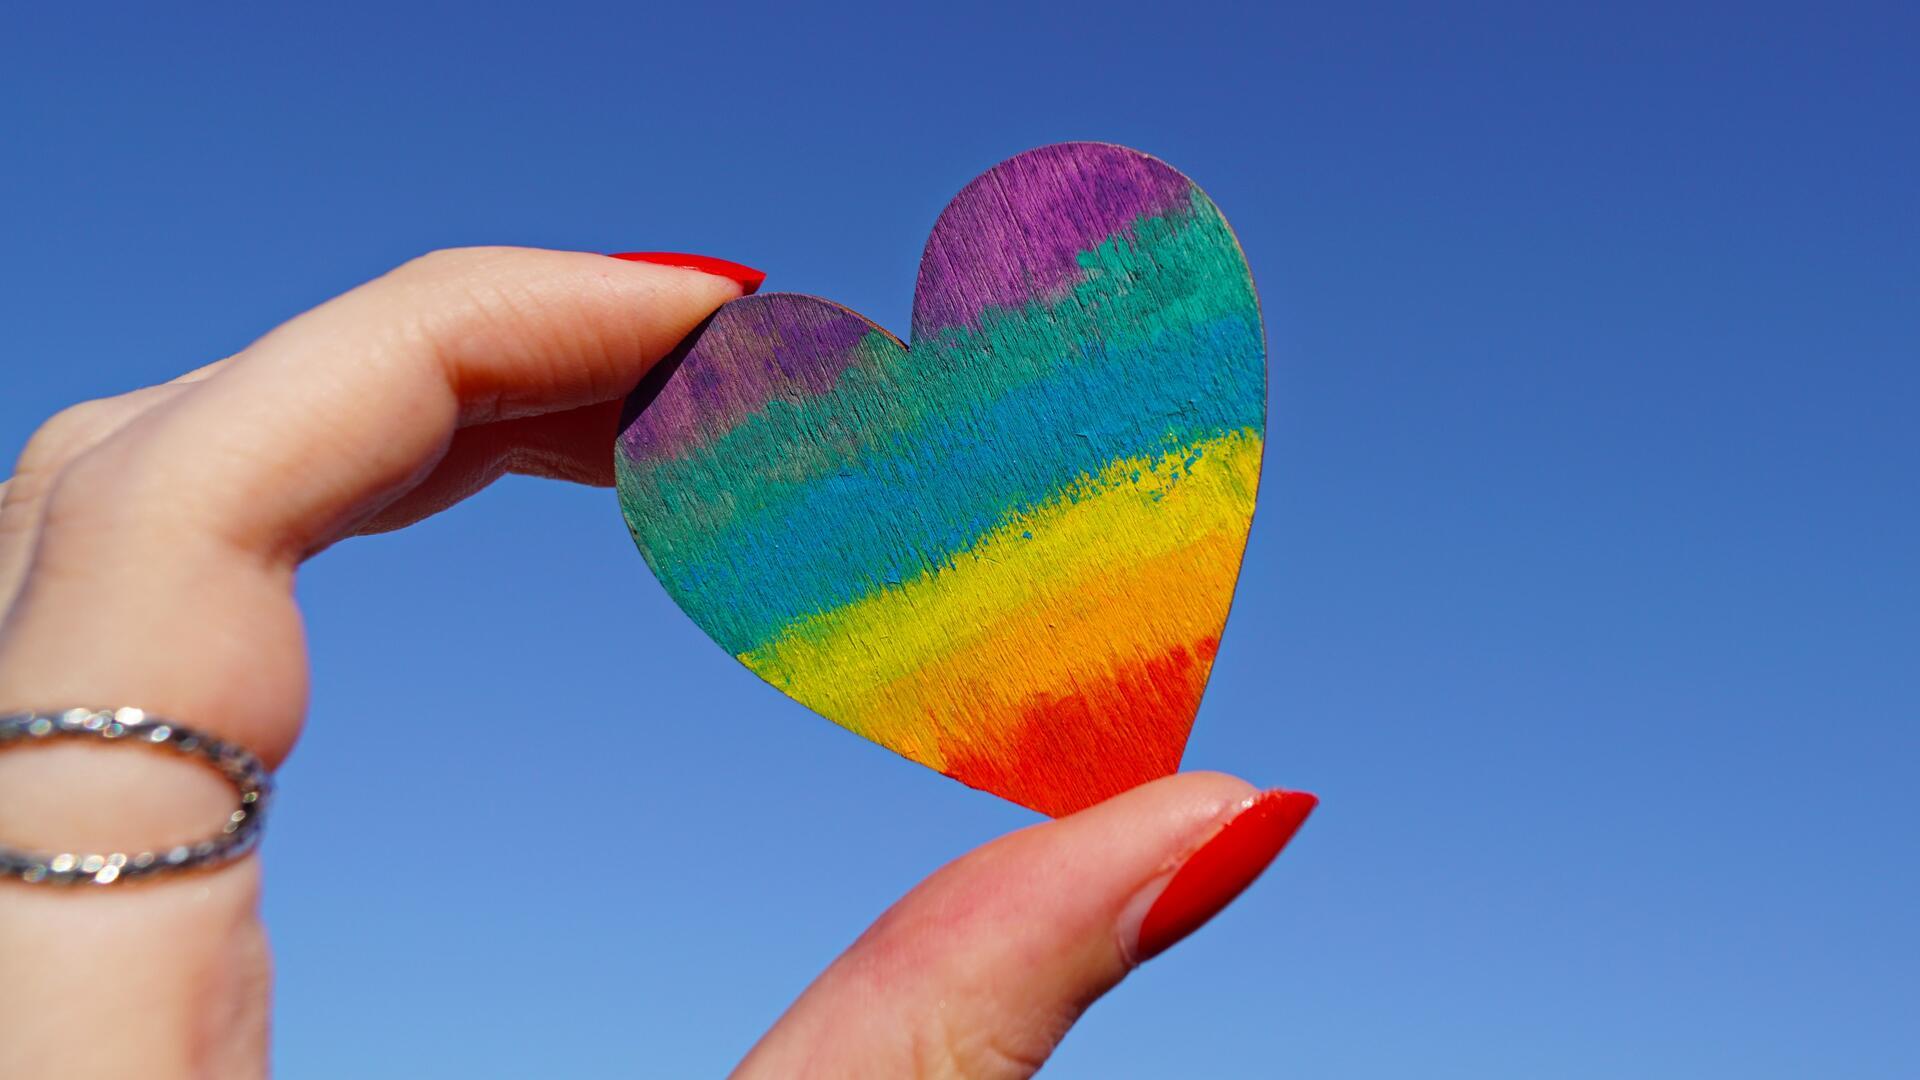 Hand holding rainbow coloured heart